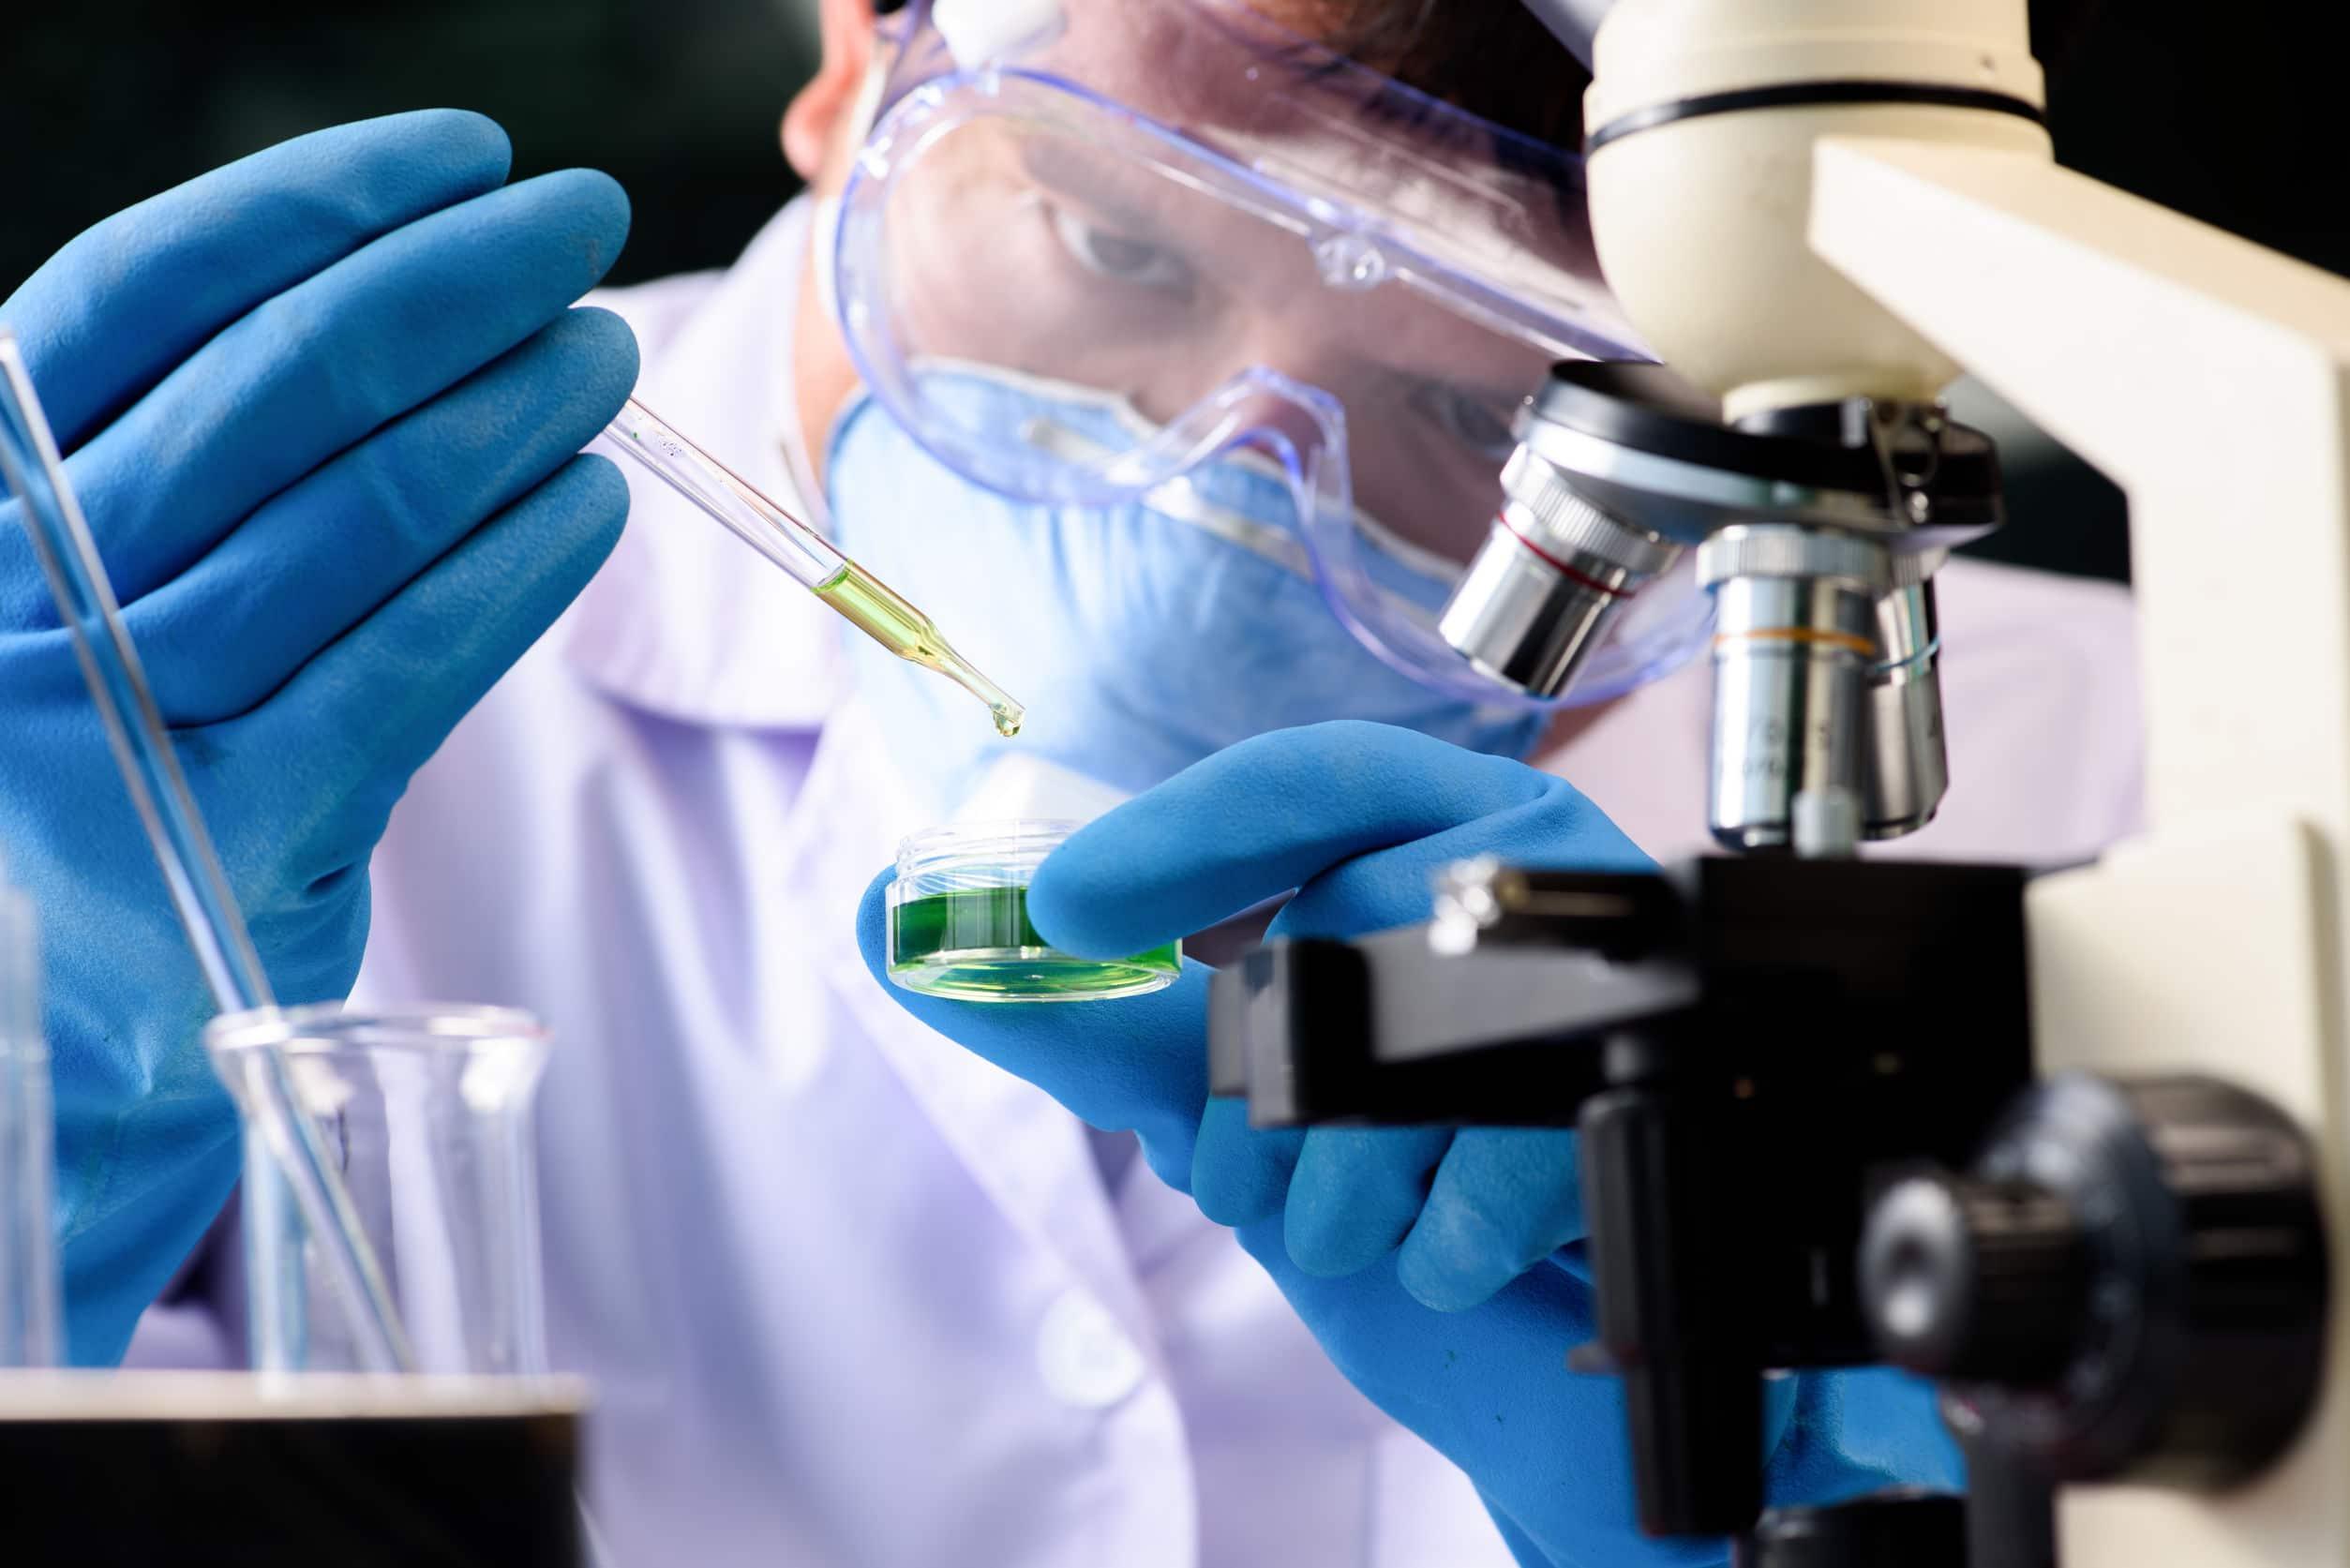 Cientista vestido com equipamentos de proteção despejando um líquido verde com conta gostas em um pote de vidro redondo, perto de um microscópio.